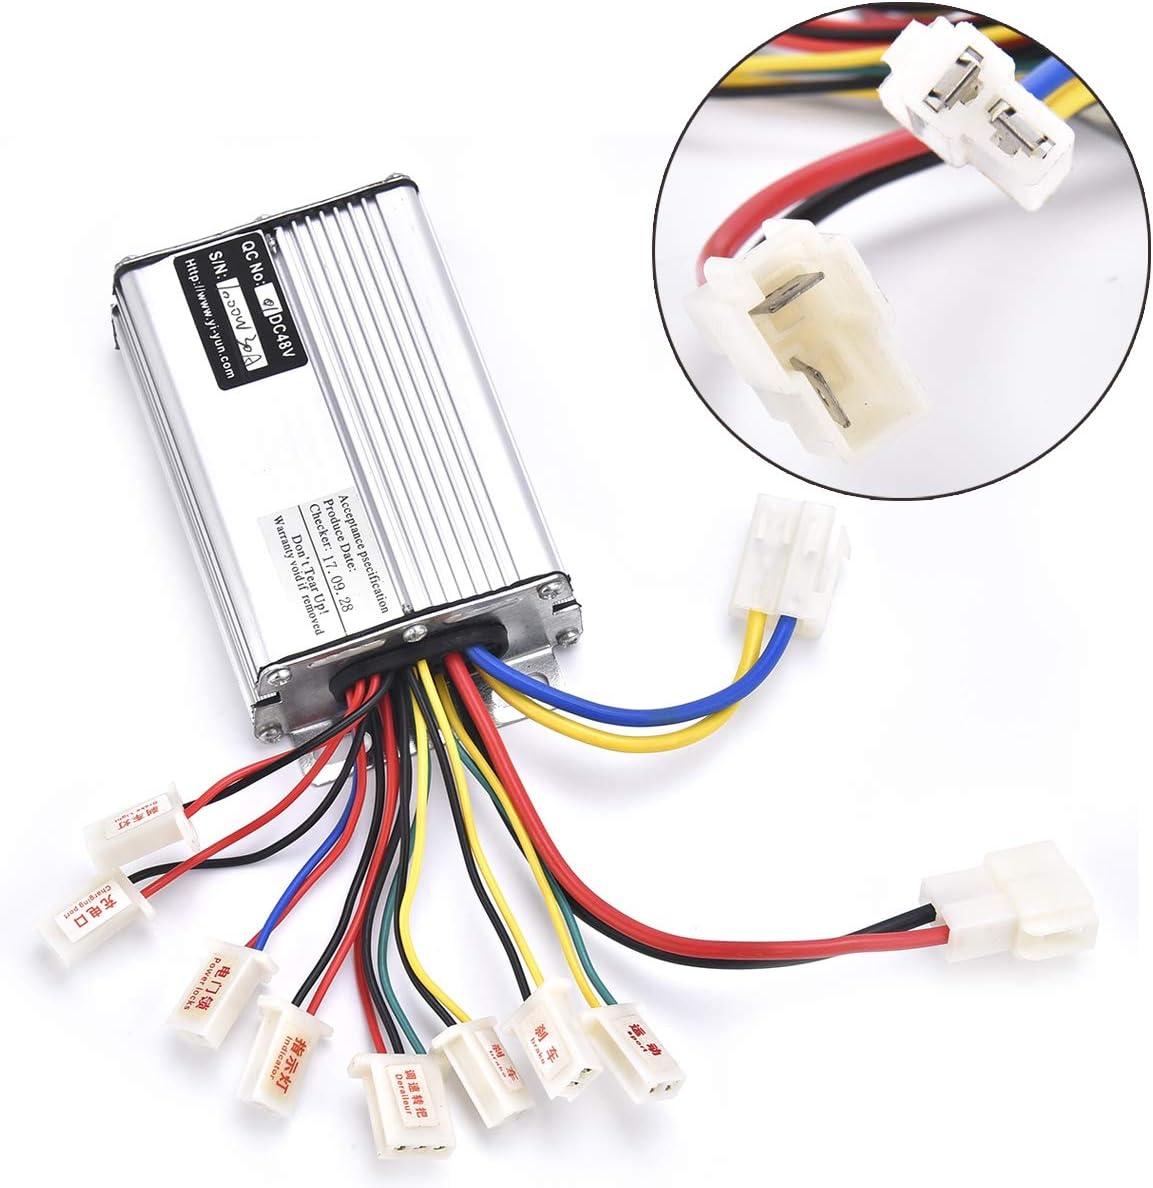 Wingsmoto Controller 48 V 1000 W Für Elektromotoroller Mit Batterieanschluss Weiß Auto